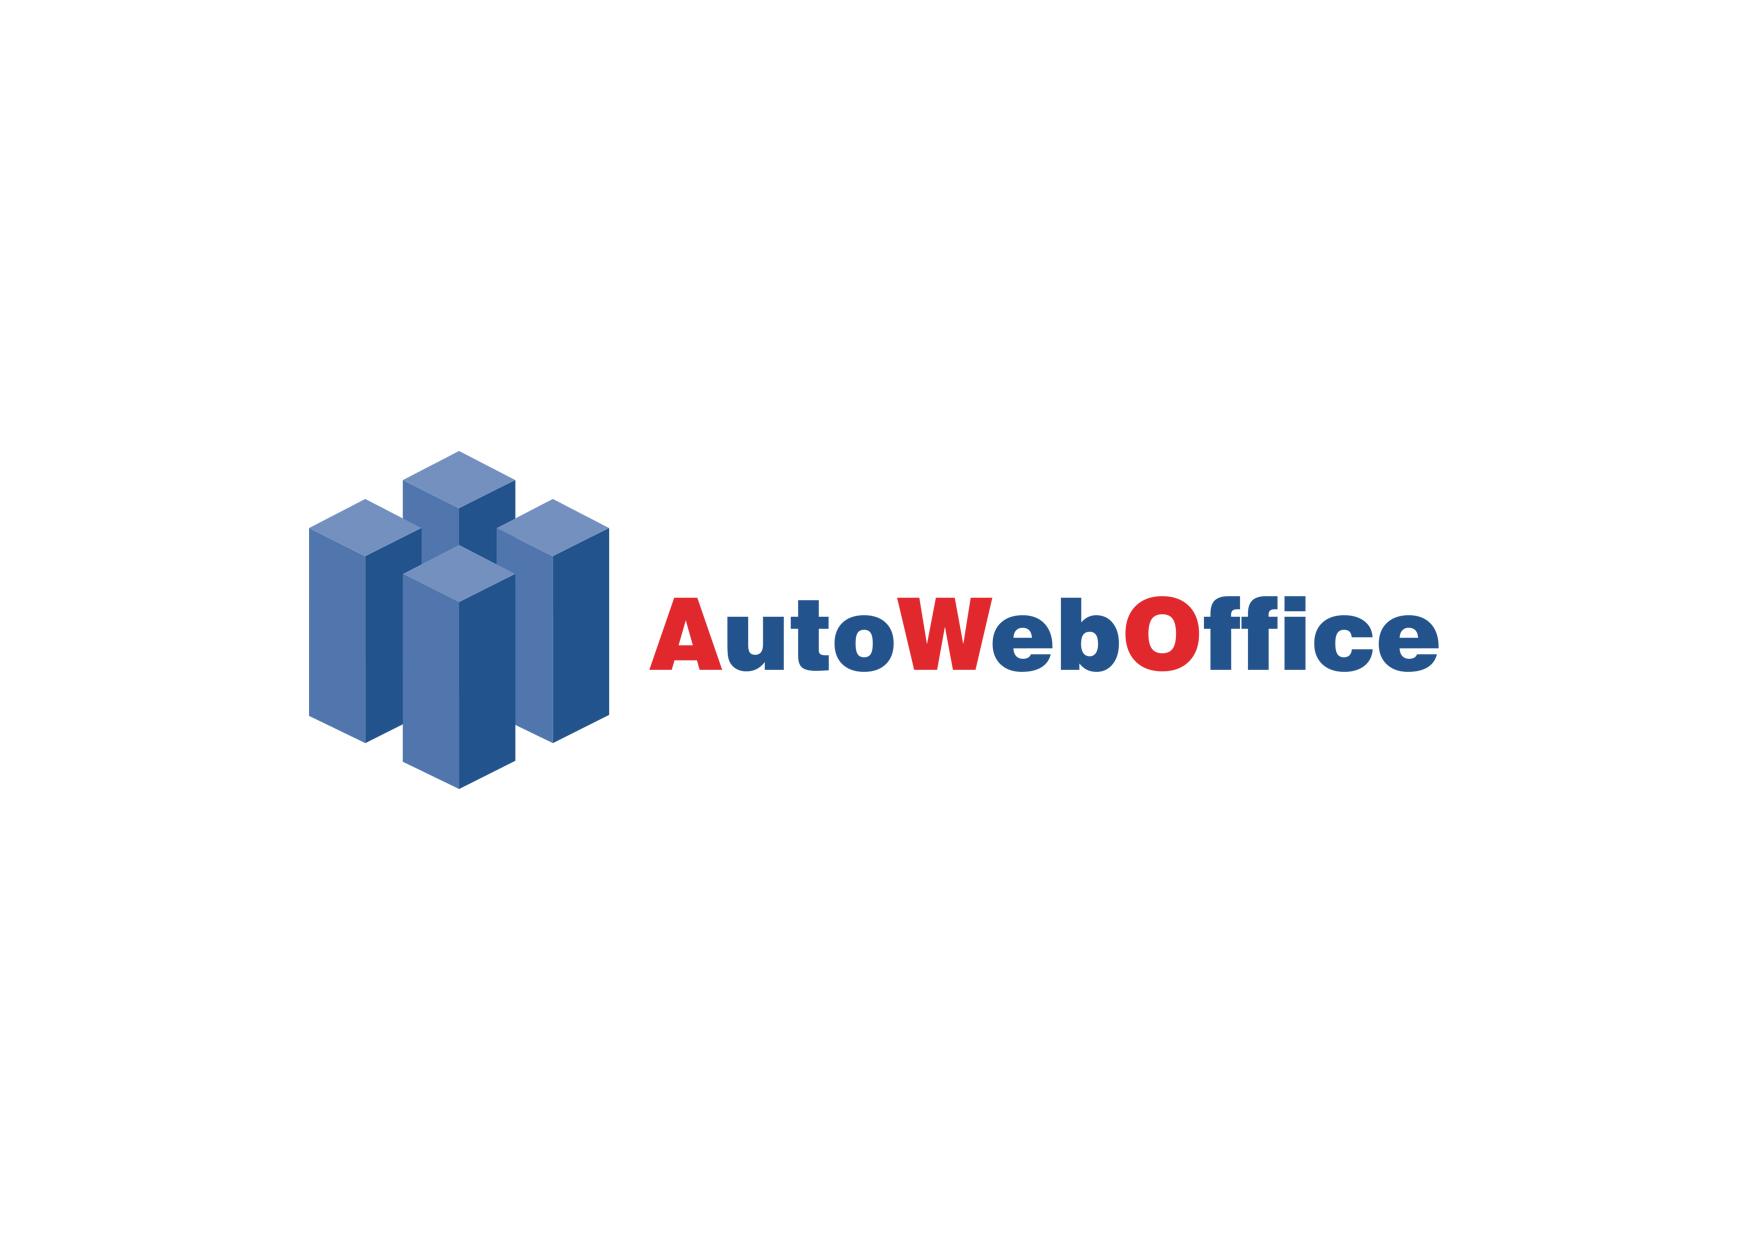 нужно разработать логотип компании фото f_7215577147593878.jpg